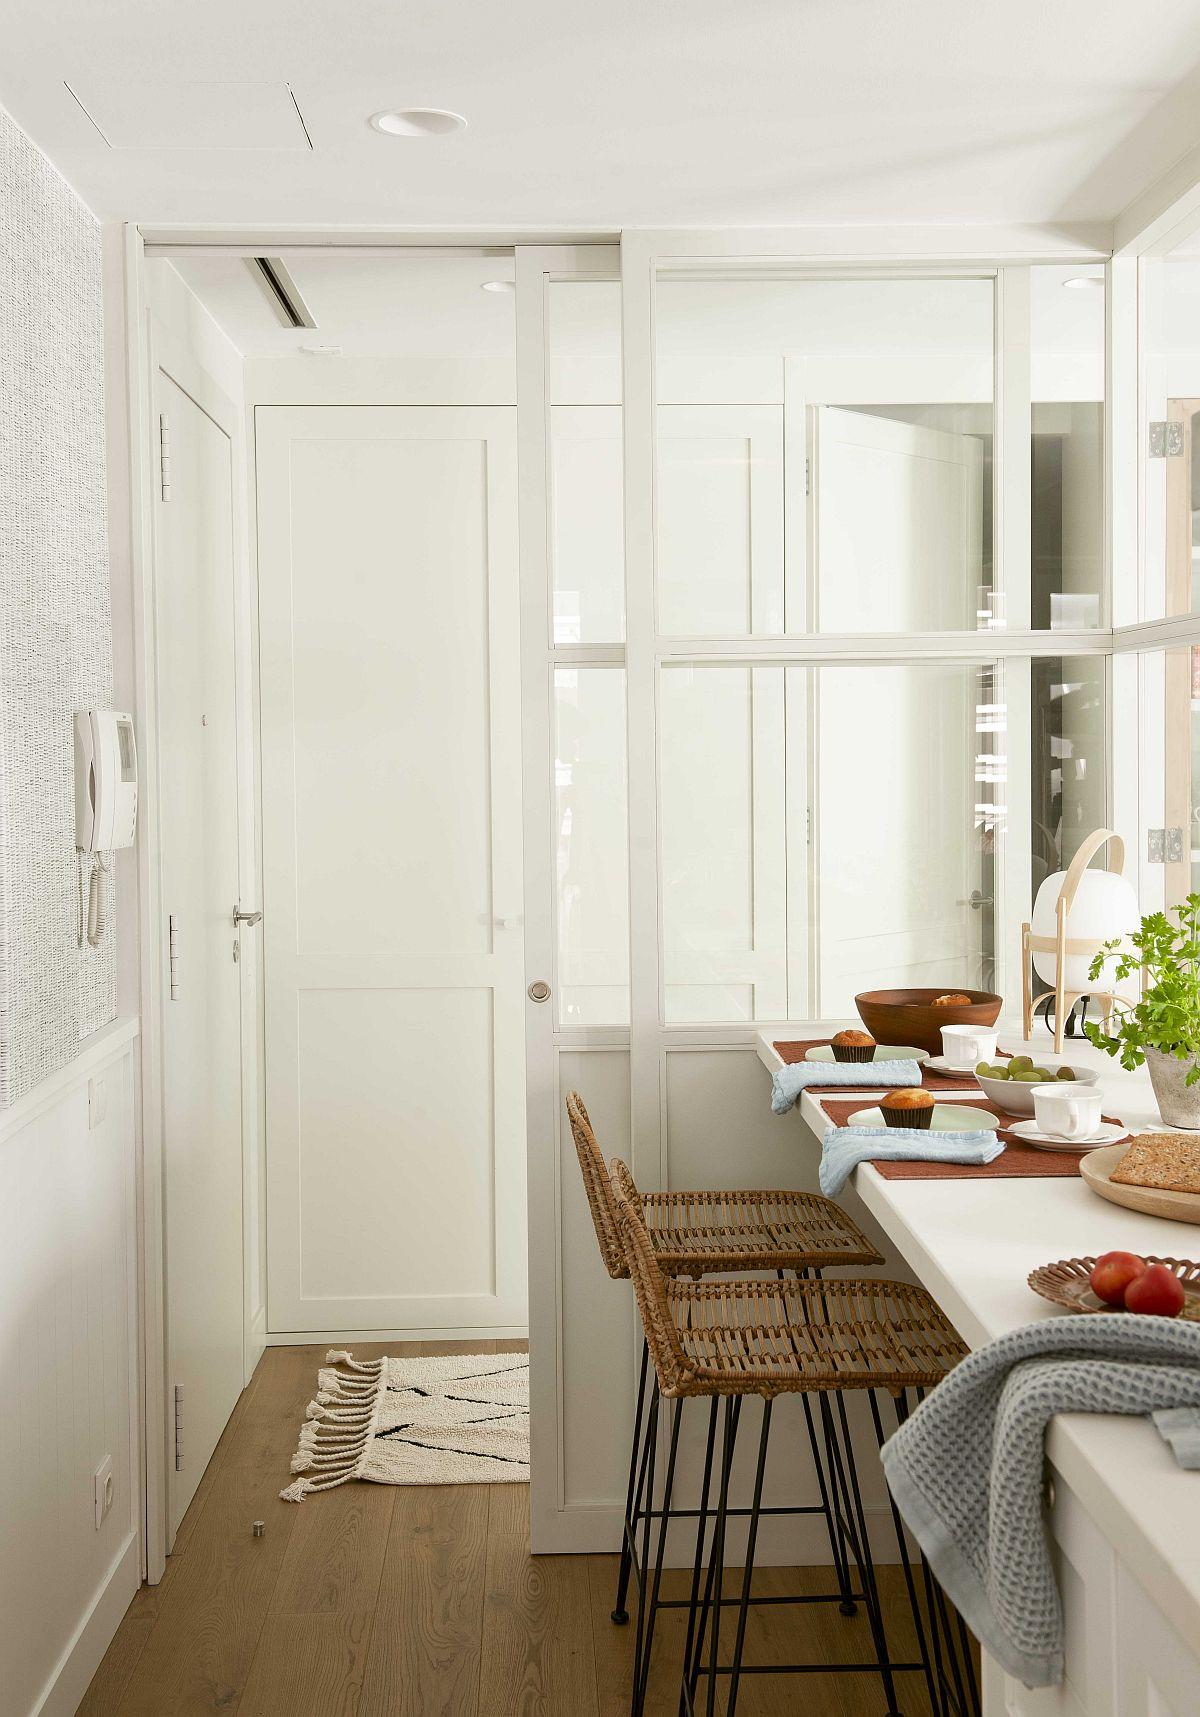 Intrarea în locuință coincidea inițial cu intrarea în zona de zi, care era un open space, cu bucătărie deschisă către living. Designerul a avut însă în vedere în primul rând crearea unui spațiu de depozitare cu rol de cuier, realizat sub forma unor dulapuri albe pe comandă, care aproape că nici nu se văd pe fundalul alb al pereților. Apoi, a delimitat bucătăria cu tâmplărie, bucătărie putând fi închisă cu ușă culisantă.